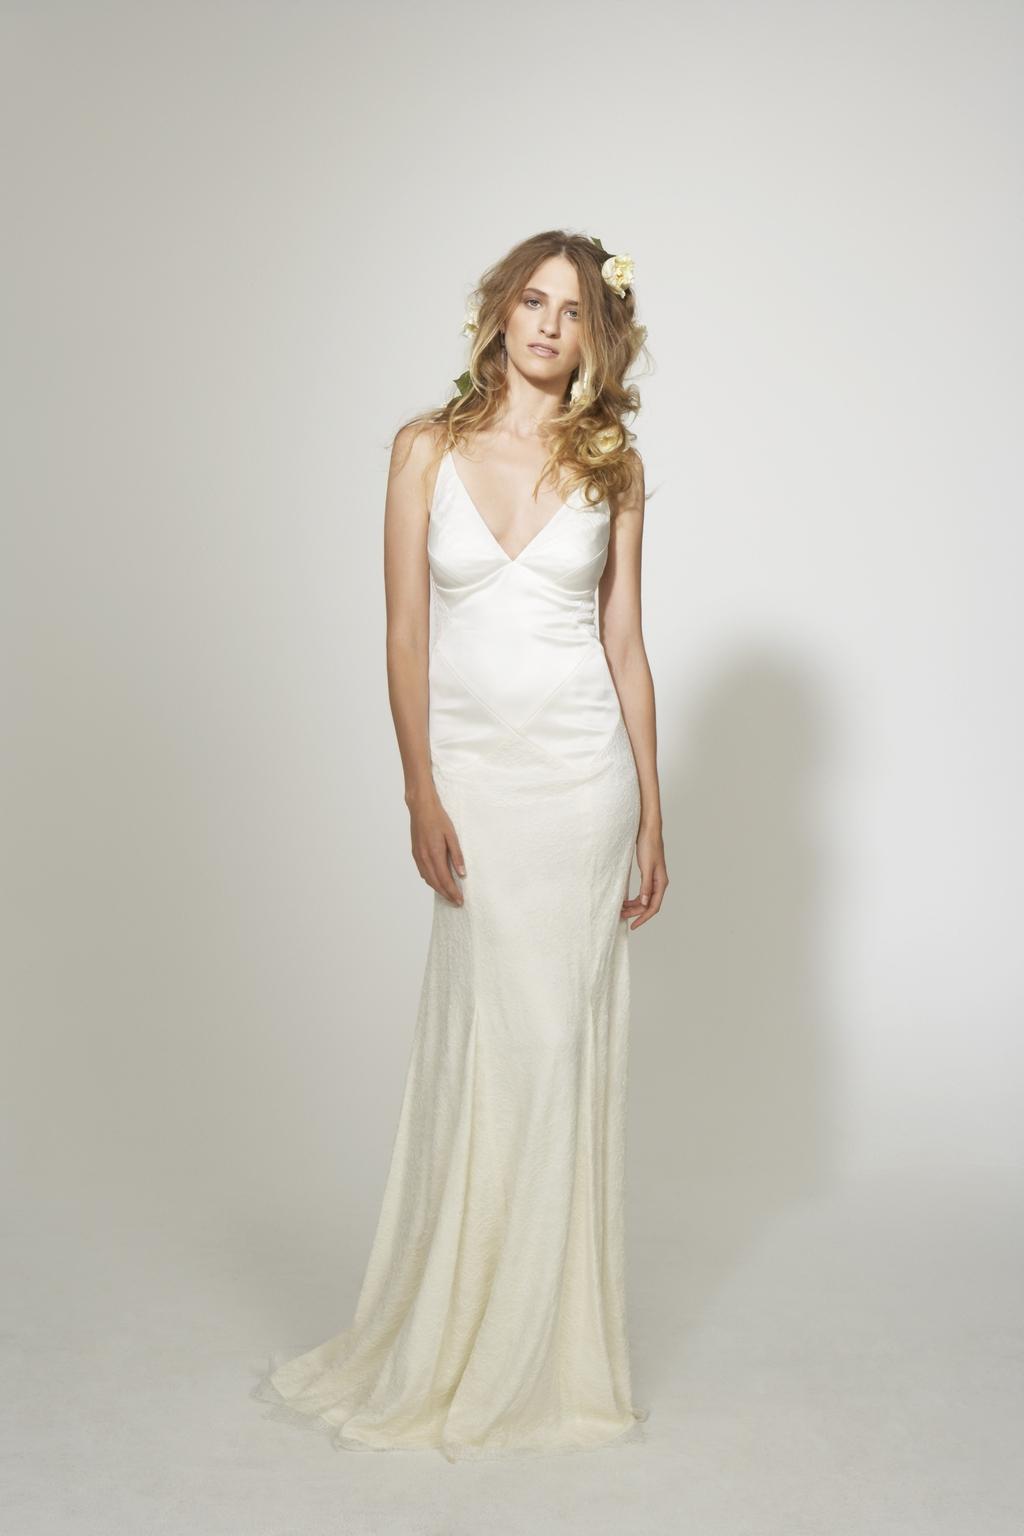 Nicole-miller-simple-sleek-v-neck-white-wedding-dress.full